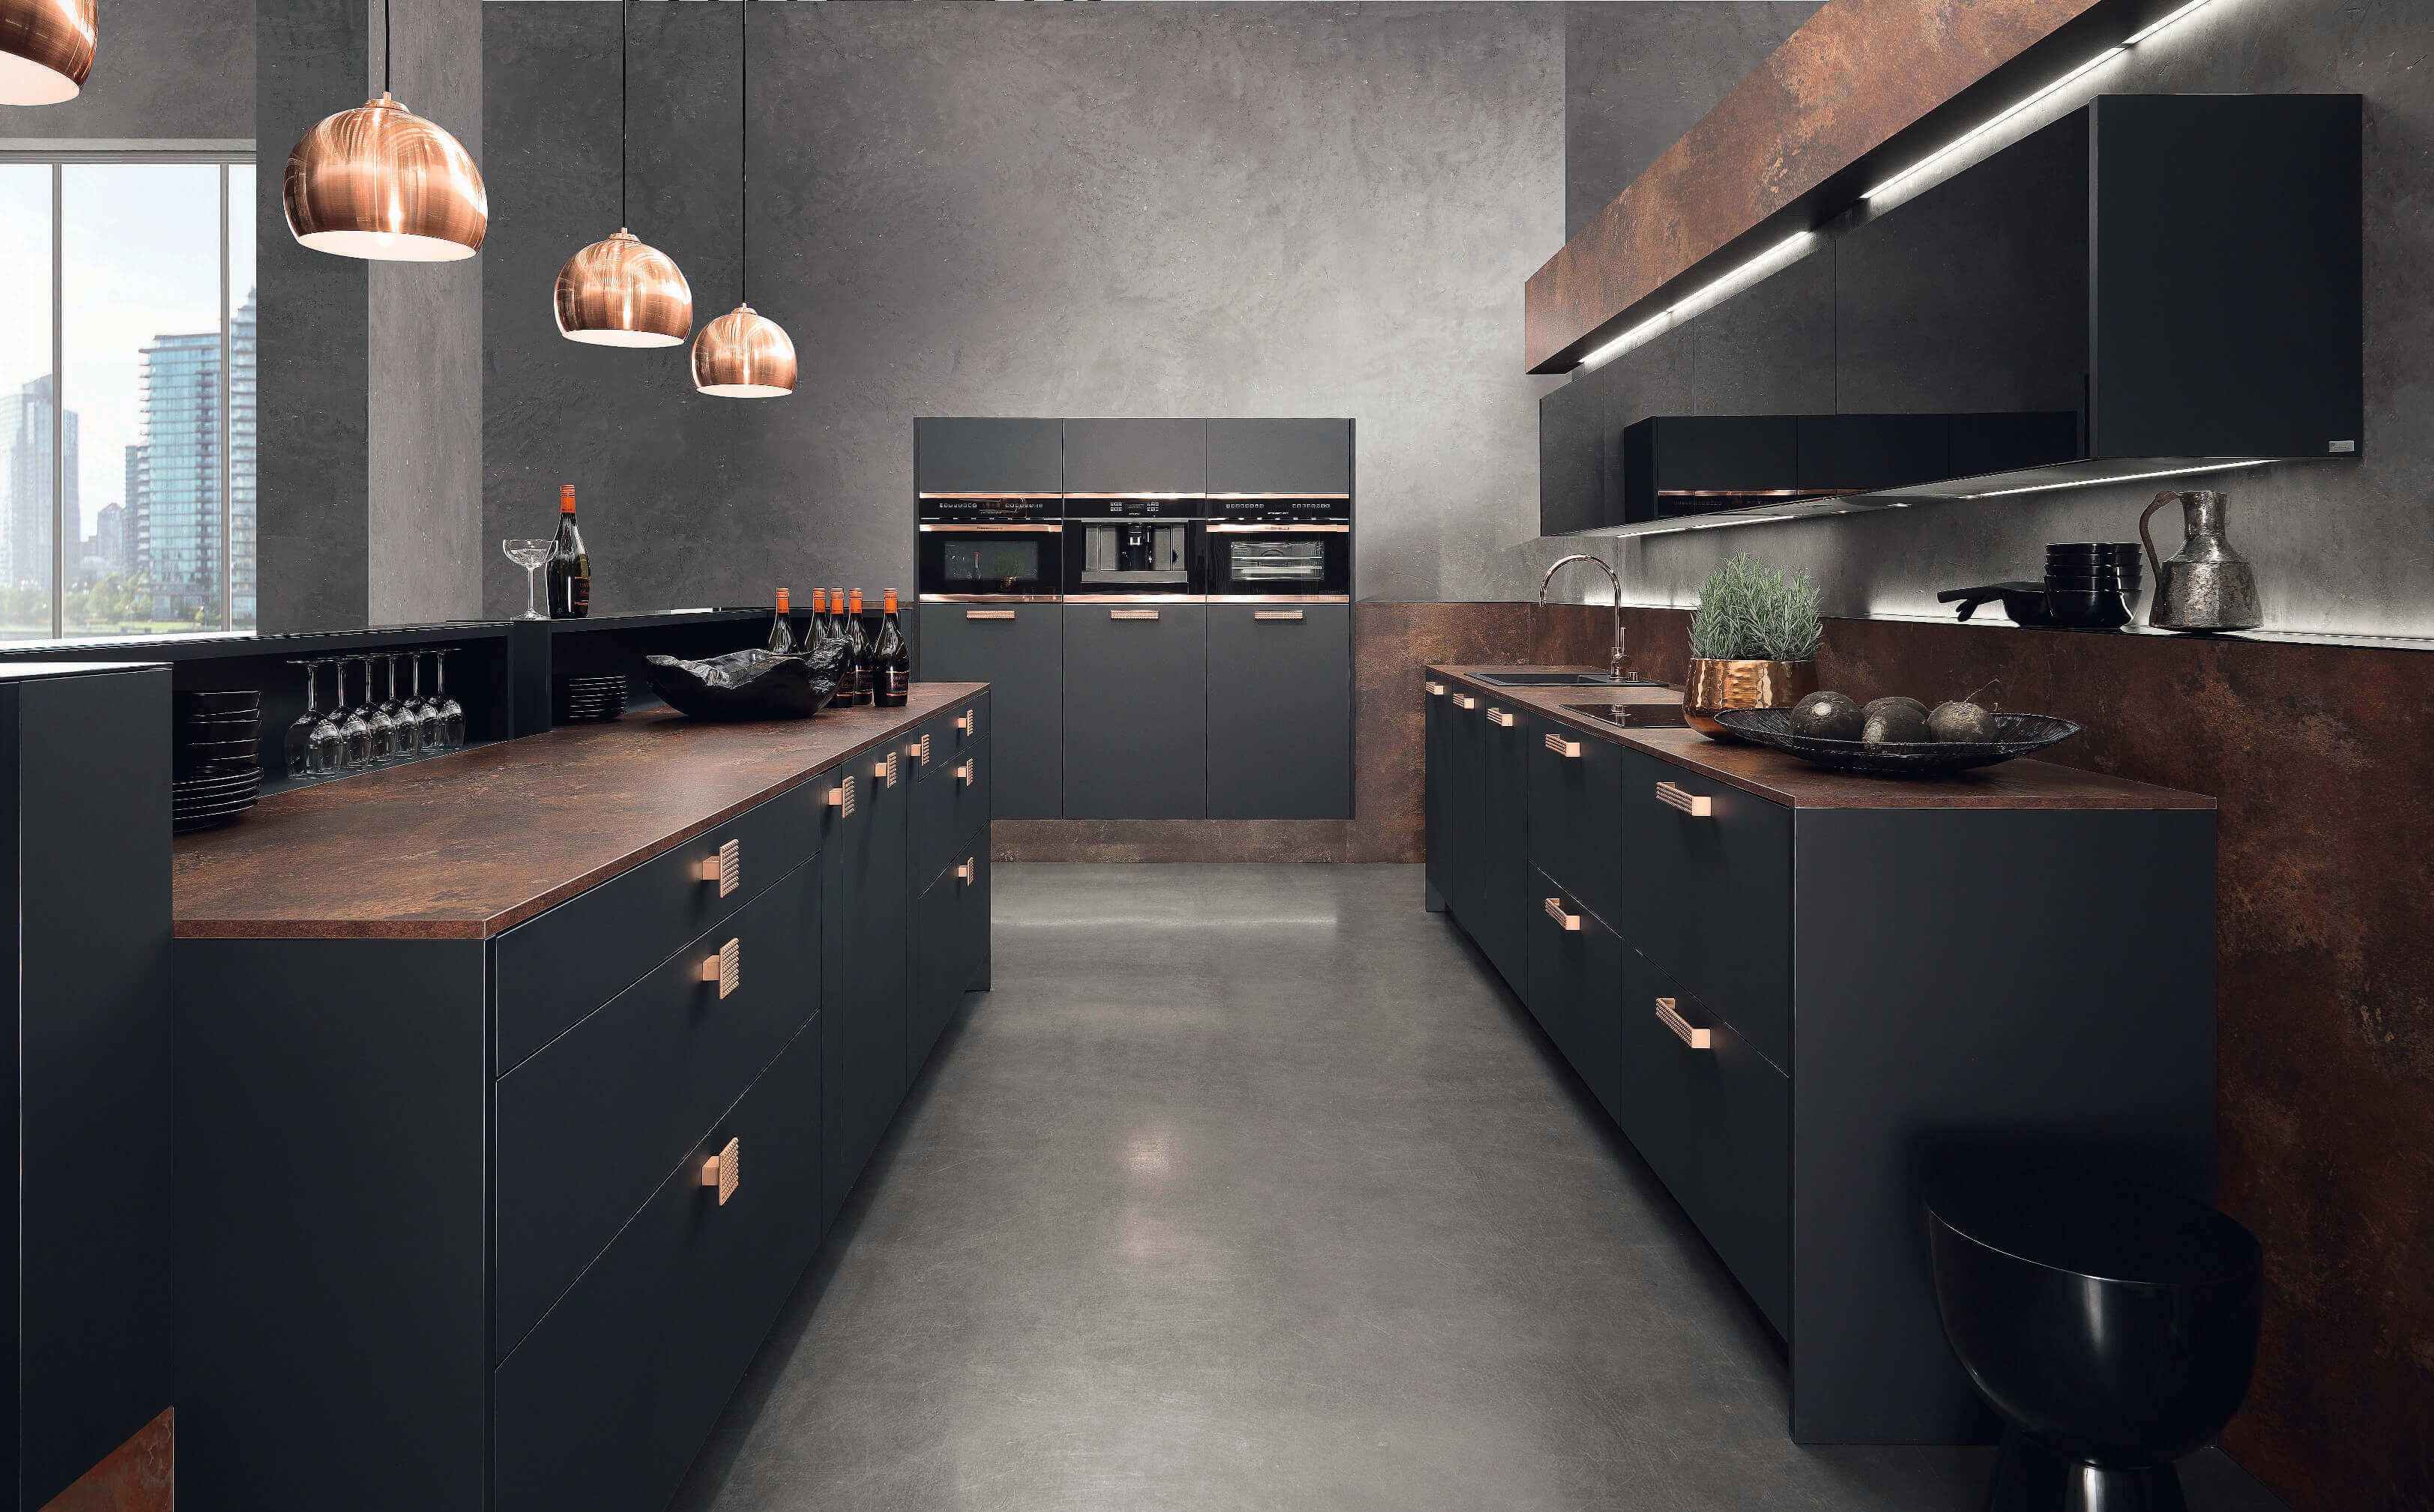 Schwarze Küche: Bilder & Ideen für dunkle Küchen - Küchenfinder